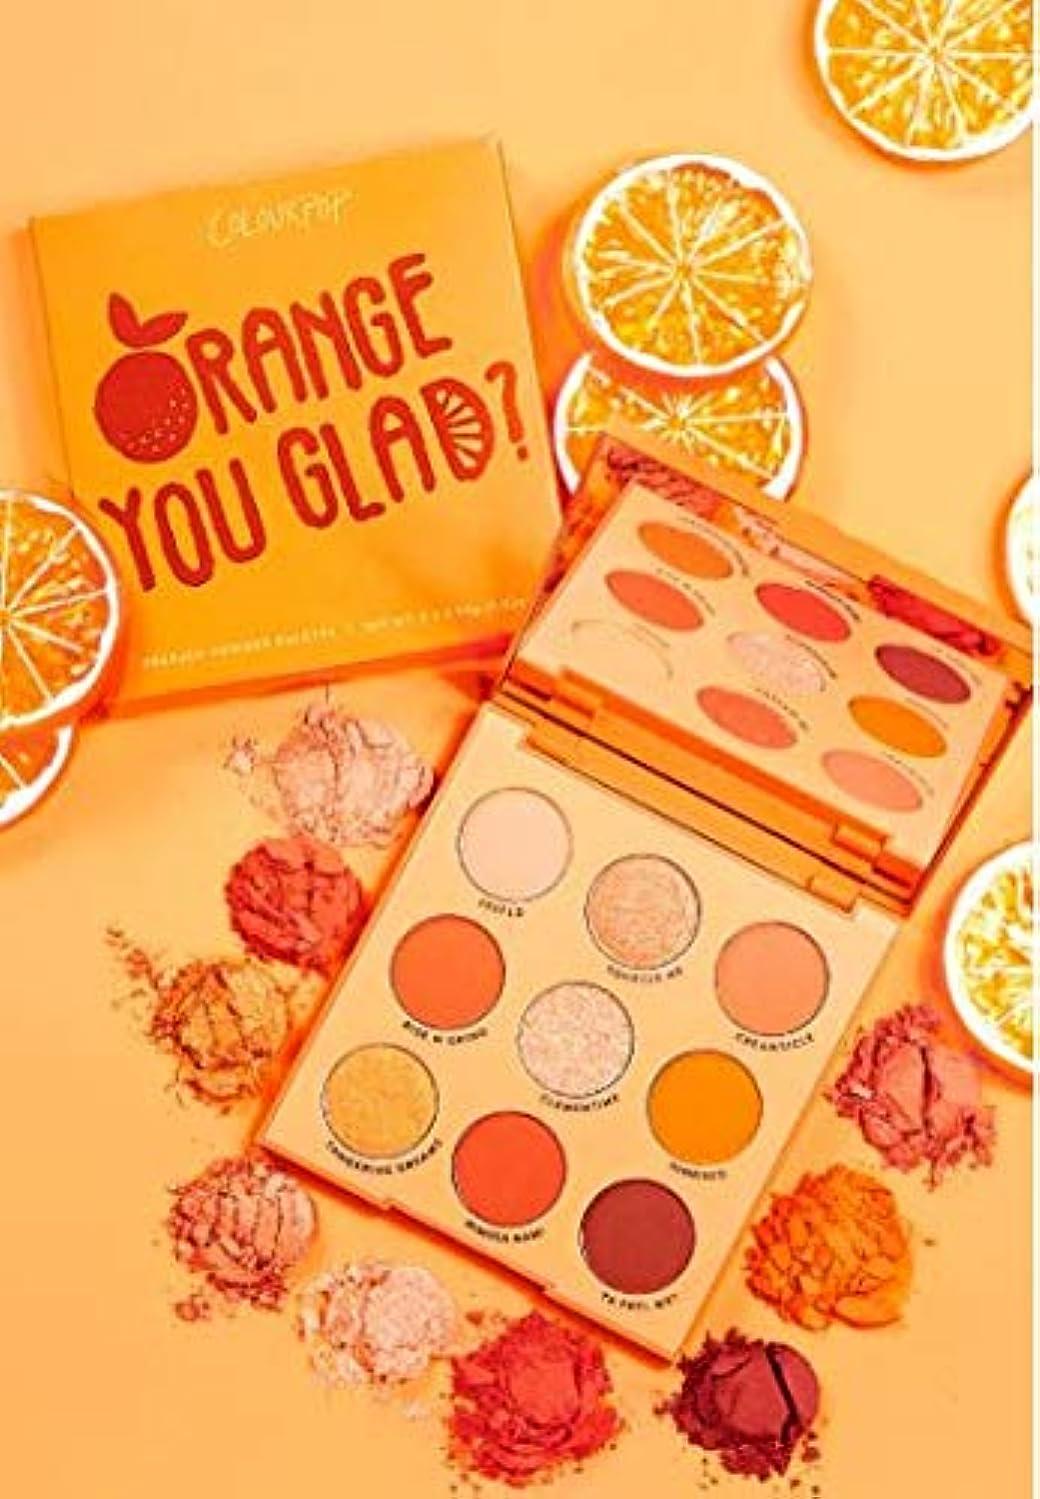 無限大アナリスト出くわすカラーポップ (ColourPop) ORANGE YOU GLAD オレンジアイシャドウパレット